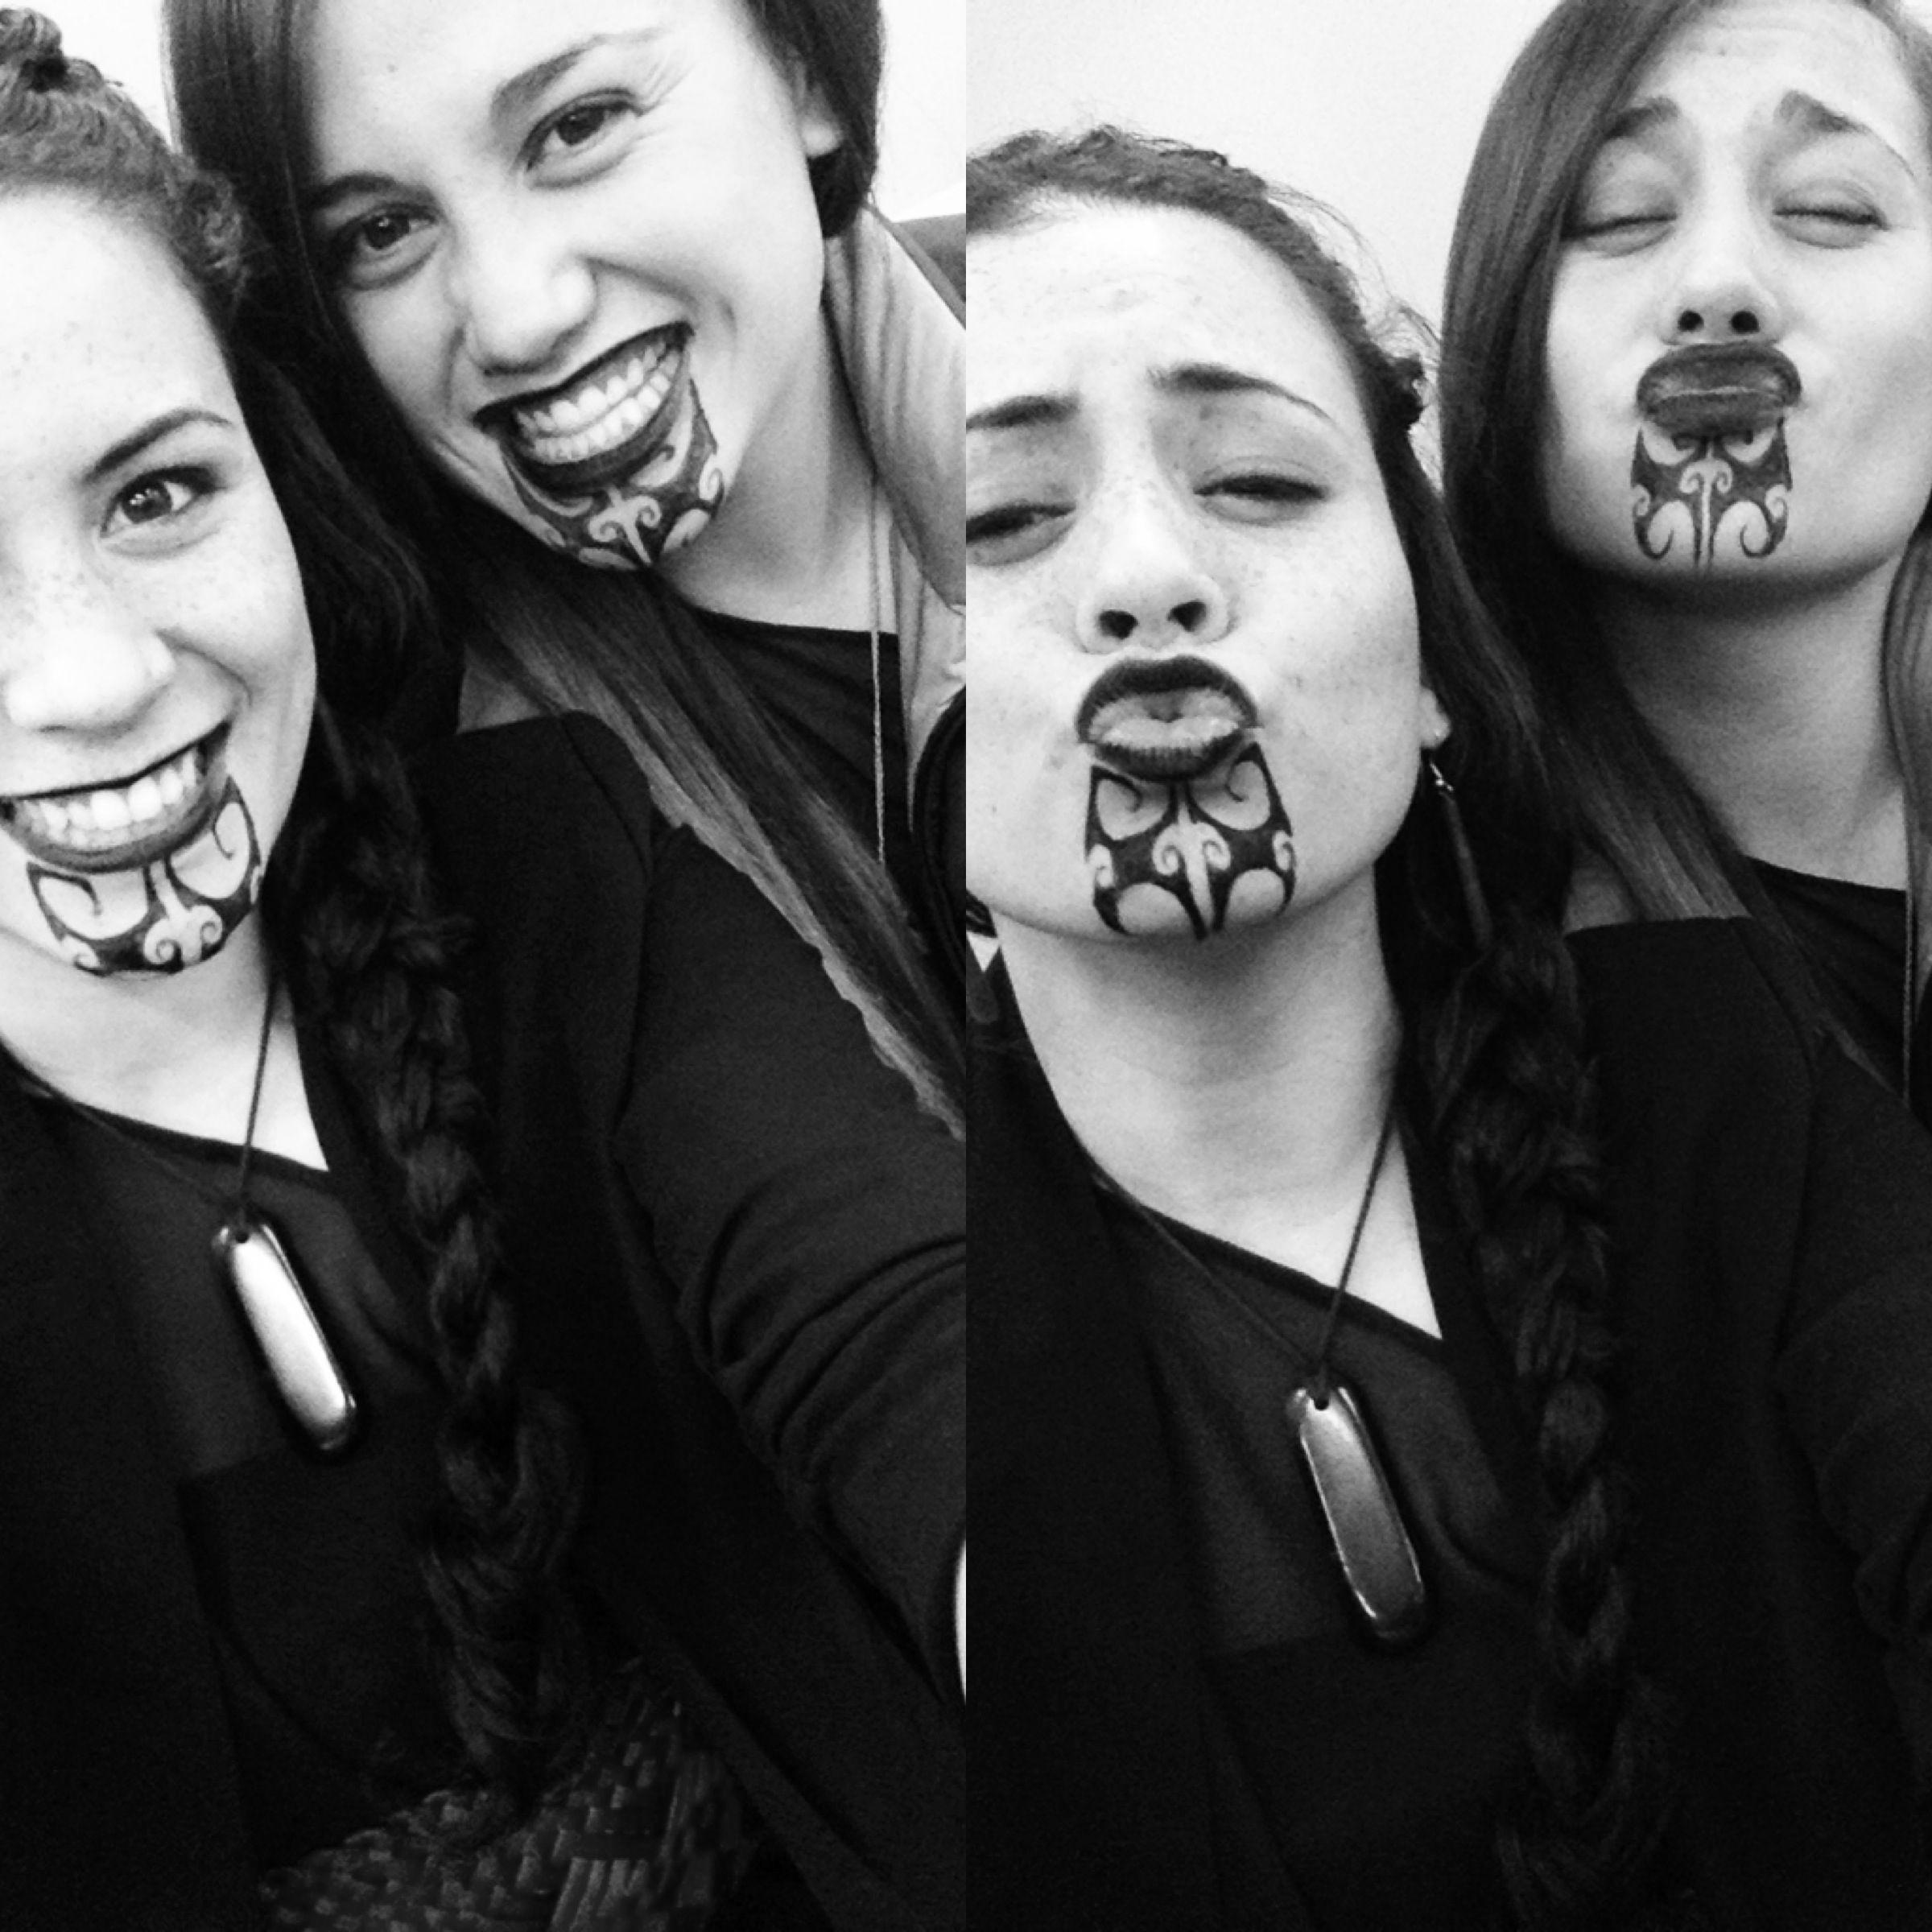 Female Maori Mouth Tattoos: Maori Tattoo, Maori People